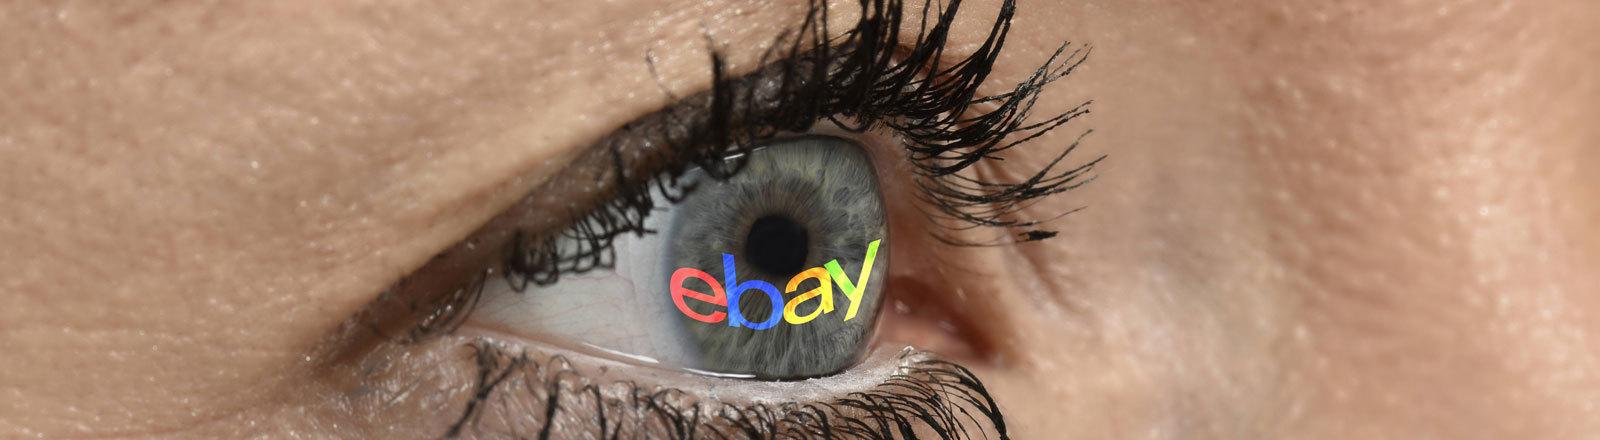 Ebay-Schriftzug, projiziert auf weibliches Auge